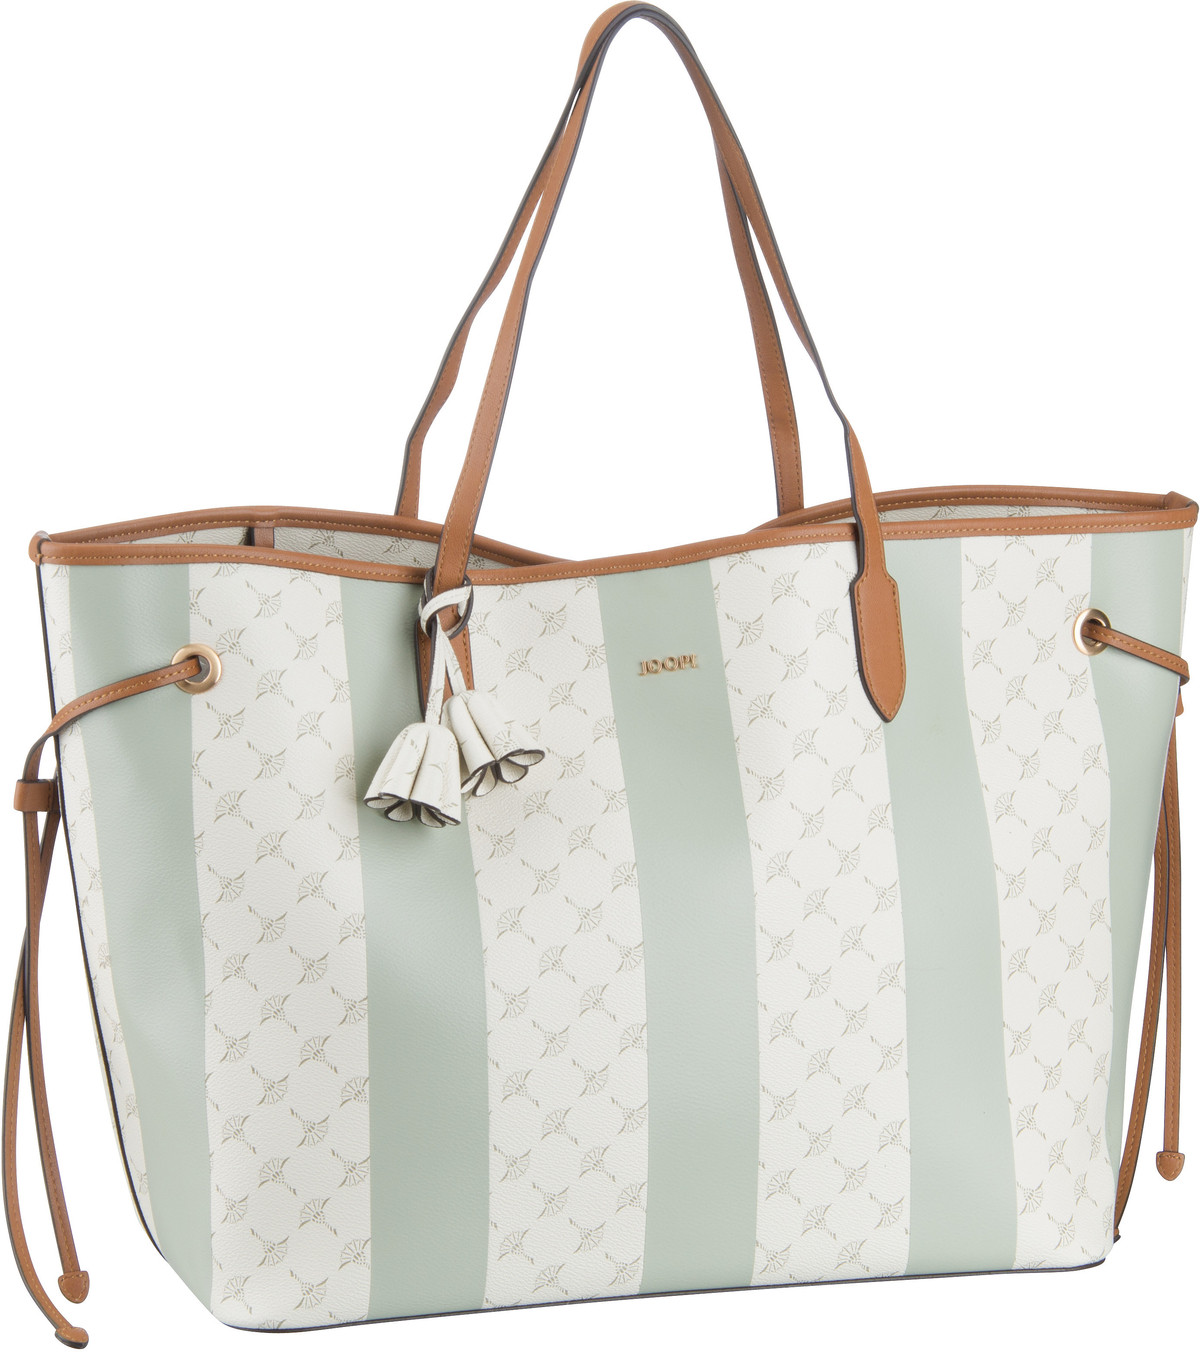 joop -  Handtasche Cortina Uno Lara Shopper XLHO Mint